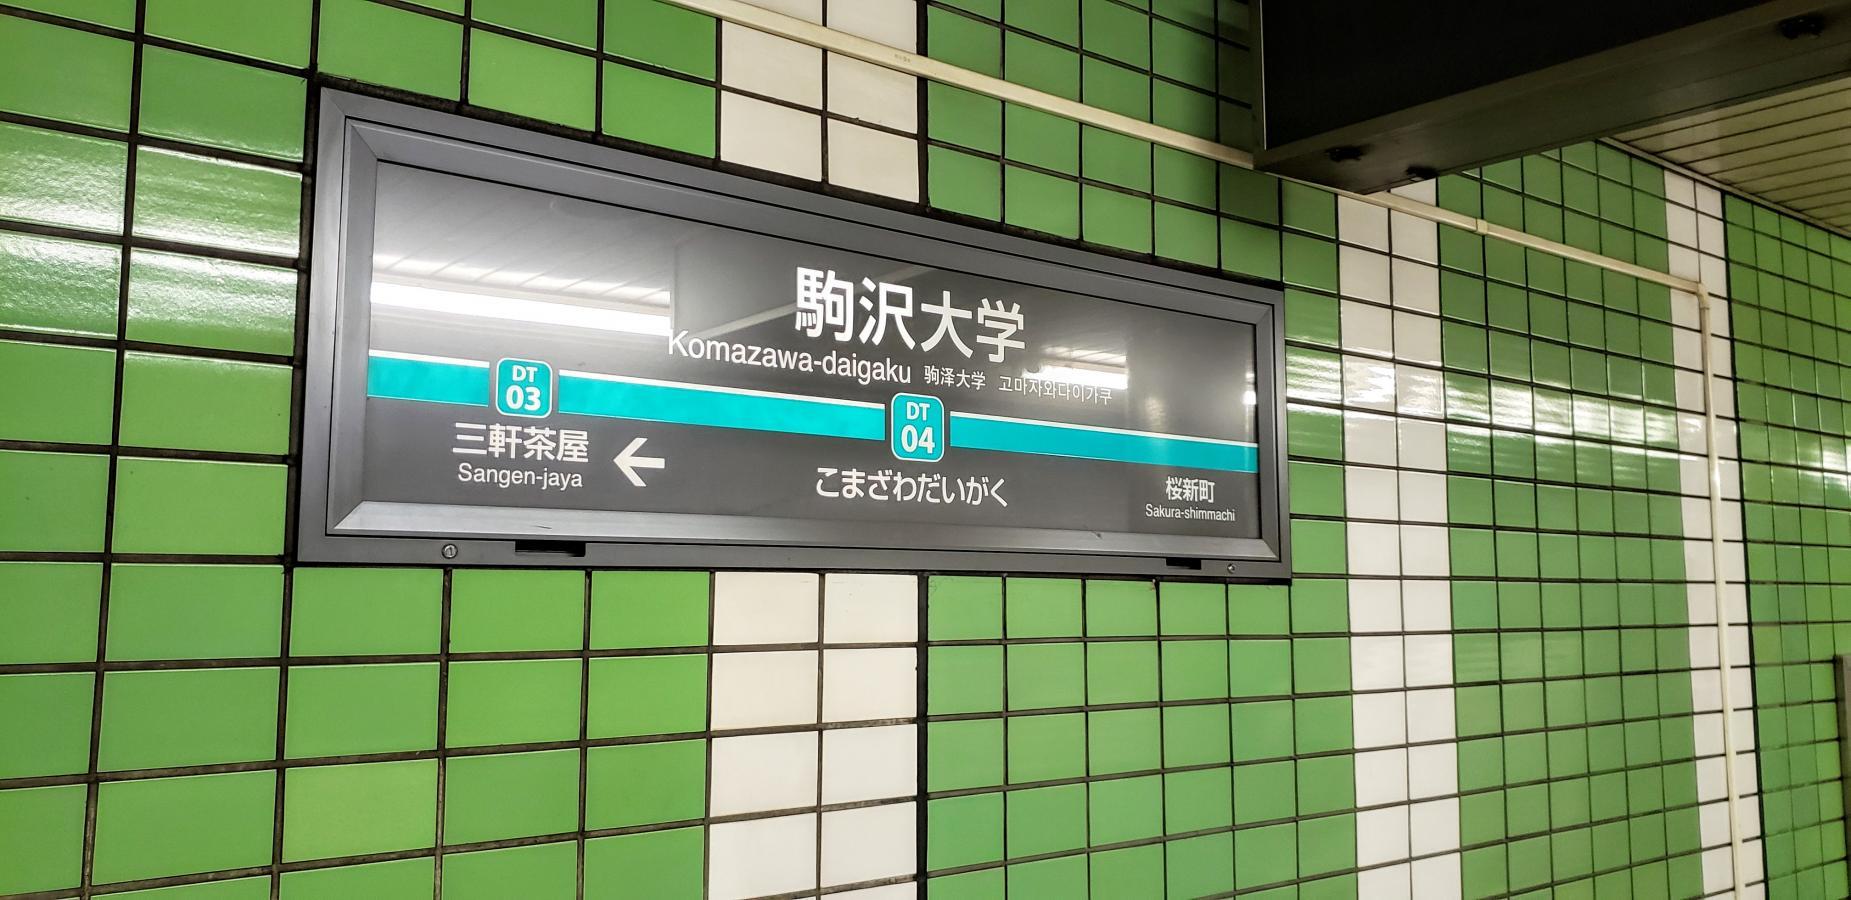 駅 駒沢 大学